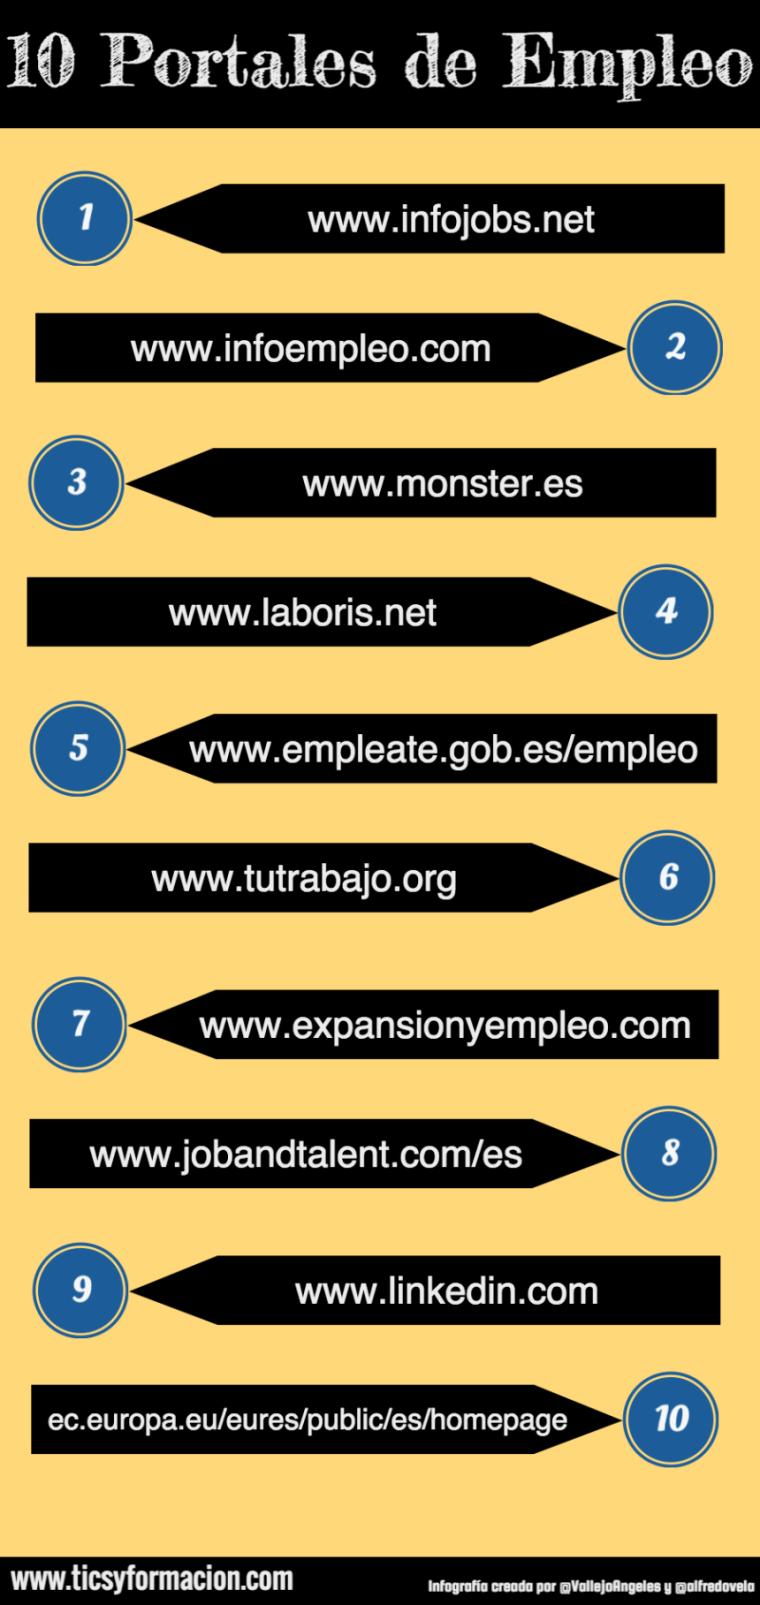 10-portales-de-empleo-infografia-1